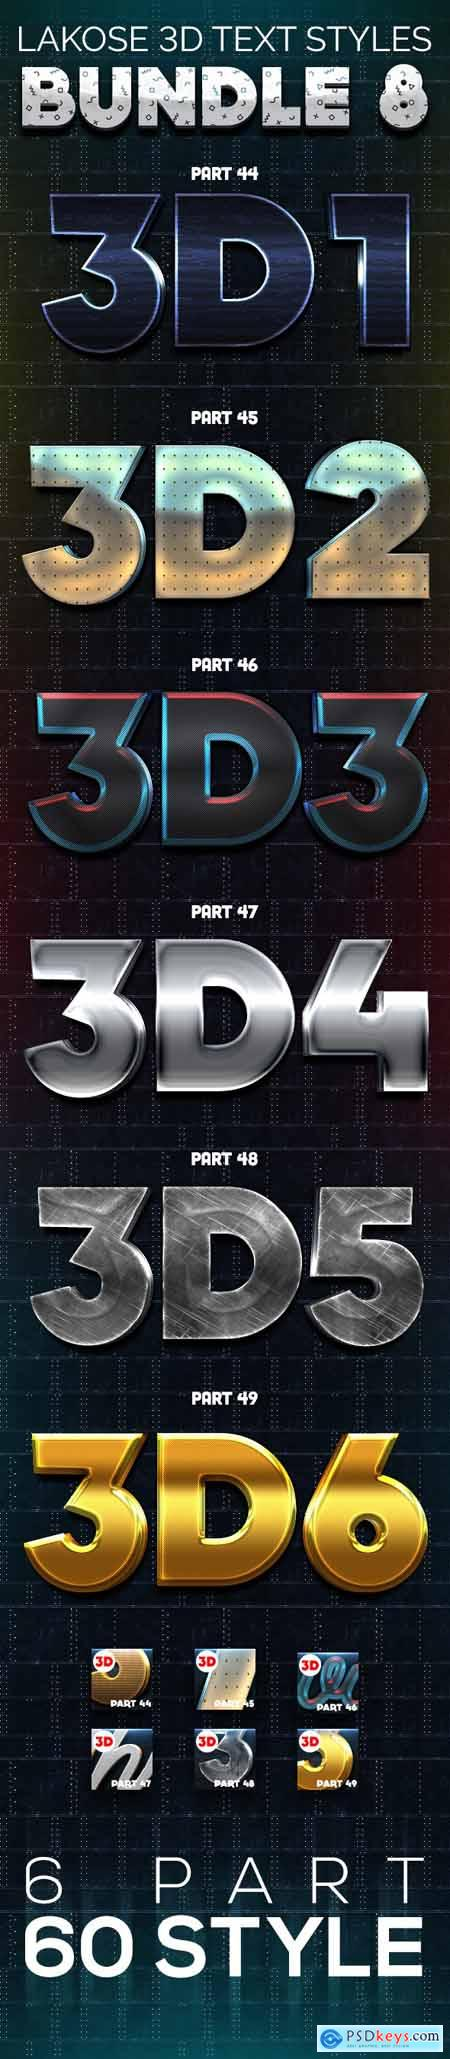 Lakose 3D Text Styles Bundle 8 26527596